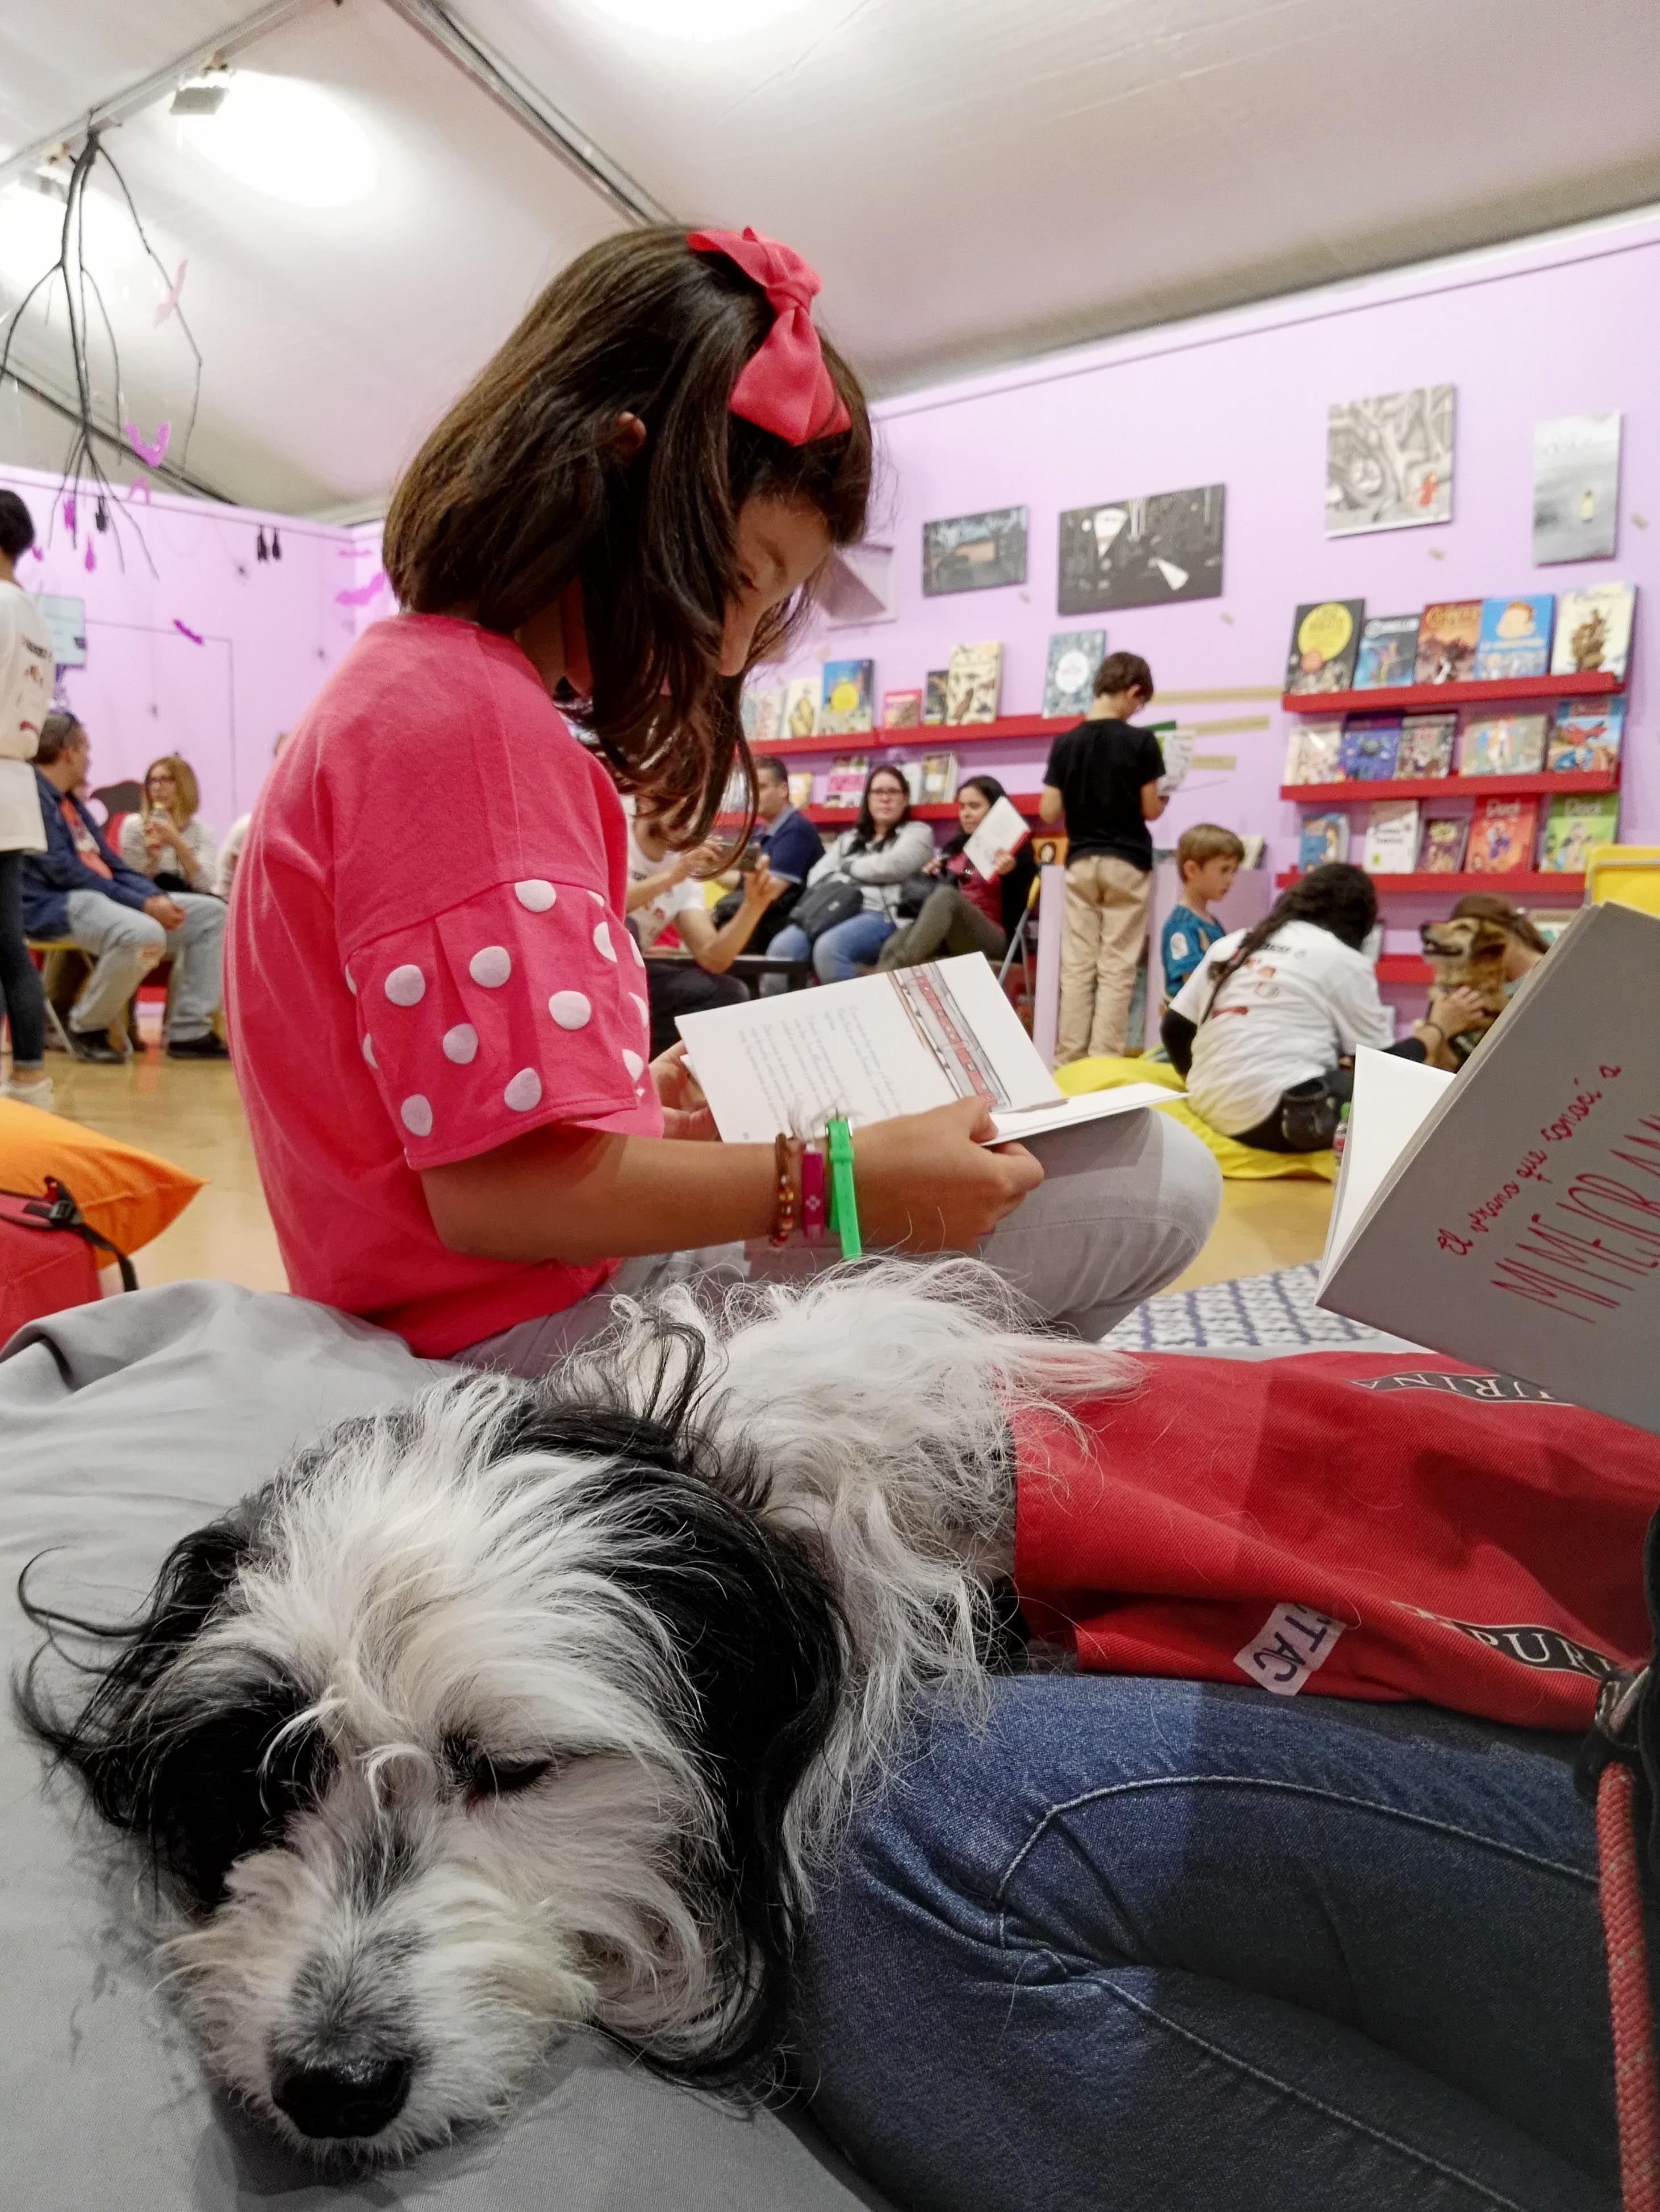 PURINA y CTAC celebran un taller de lectura con perros en la Feria del Libro de Madrid 2018